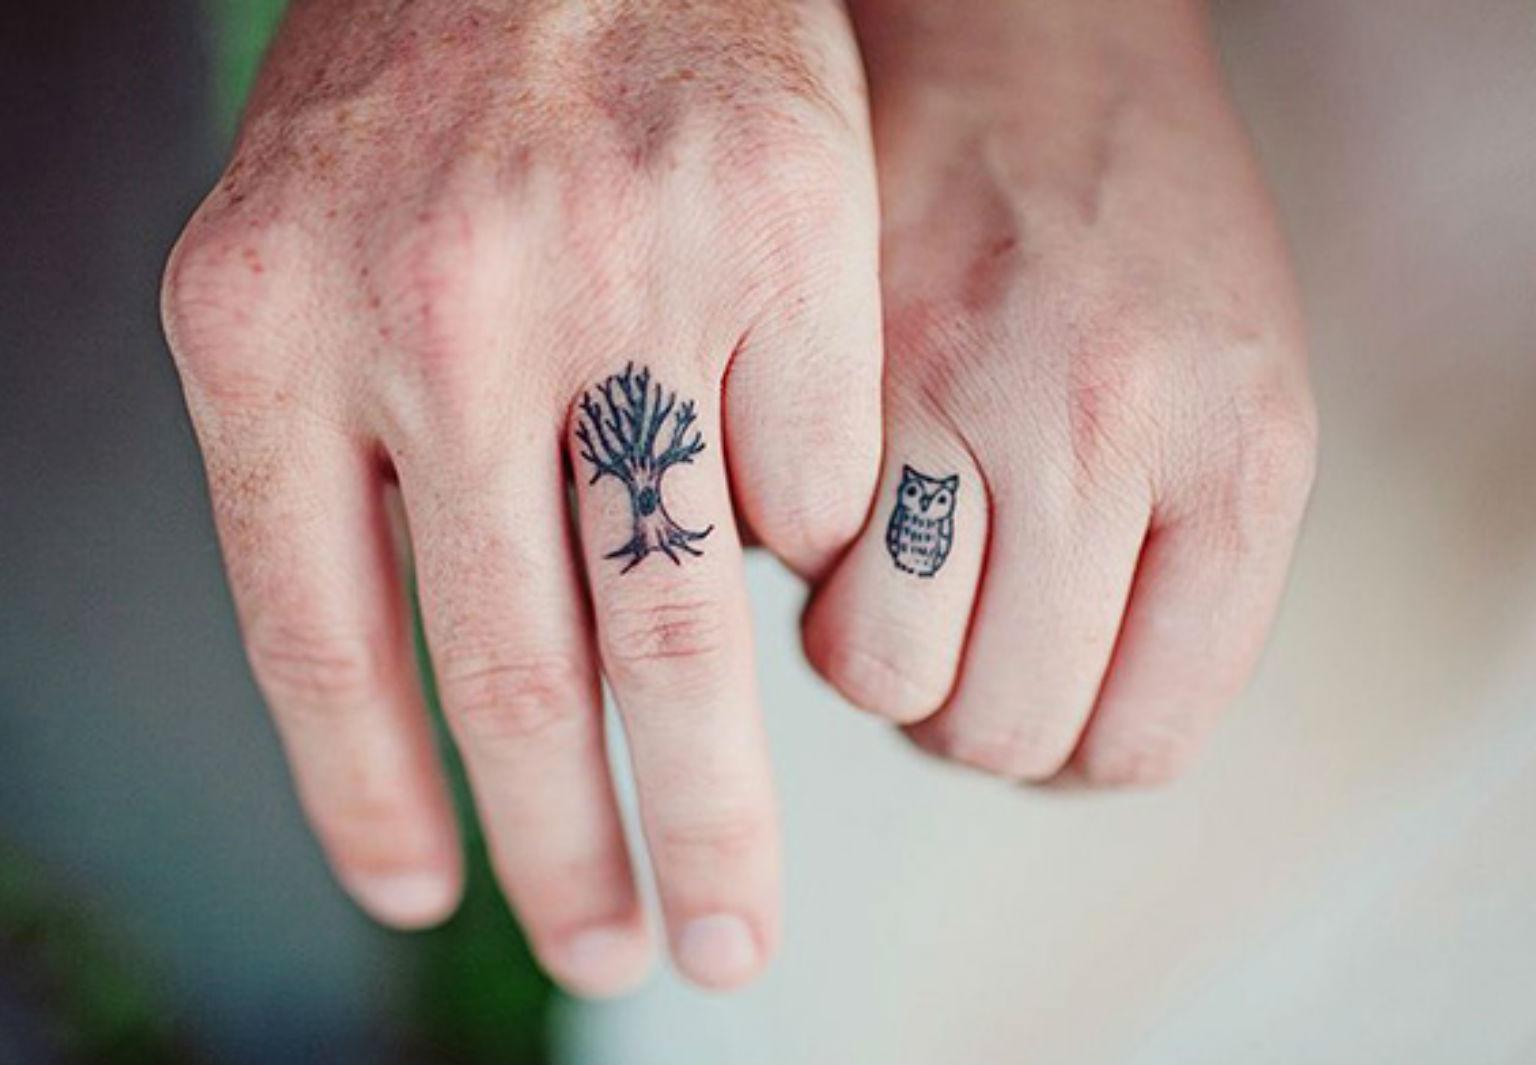 Mariage 15 Idees De Tatouages Pour Remplacer L Alliance Femme Actuelle